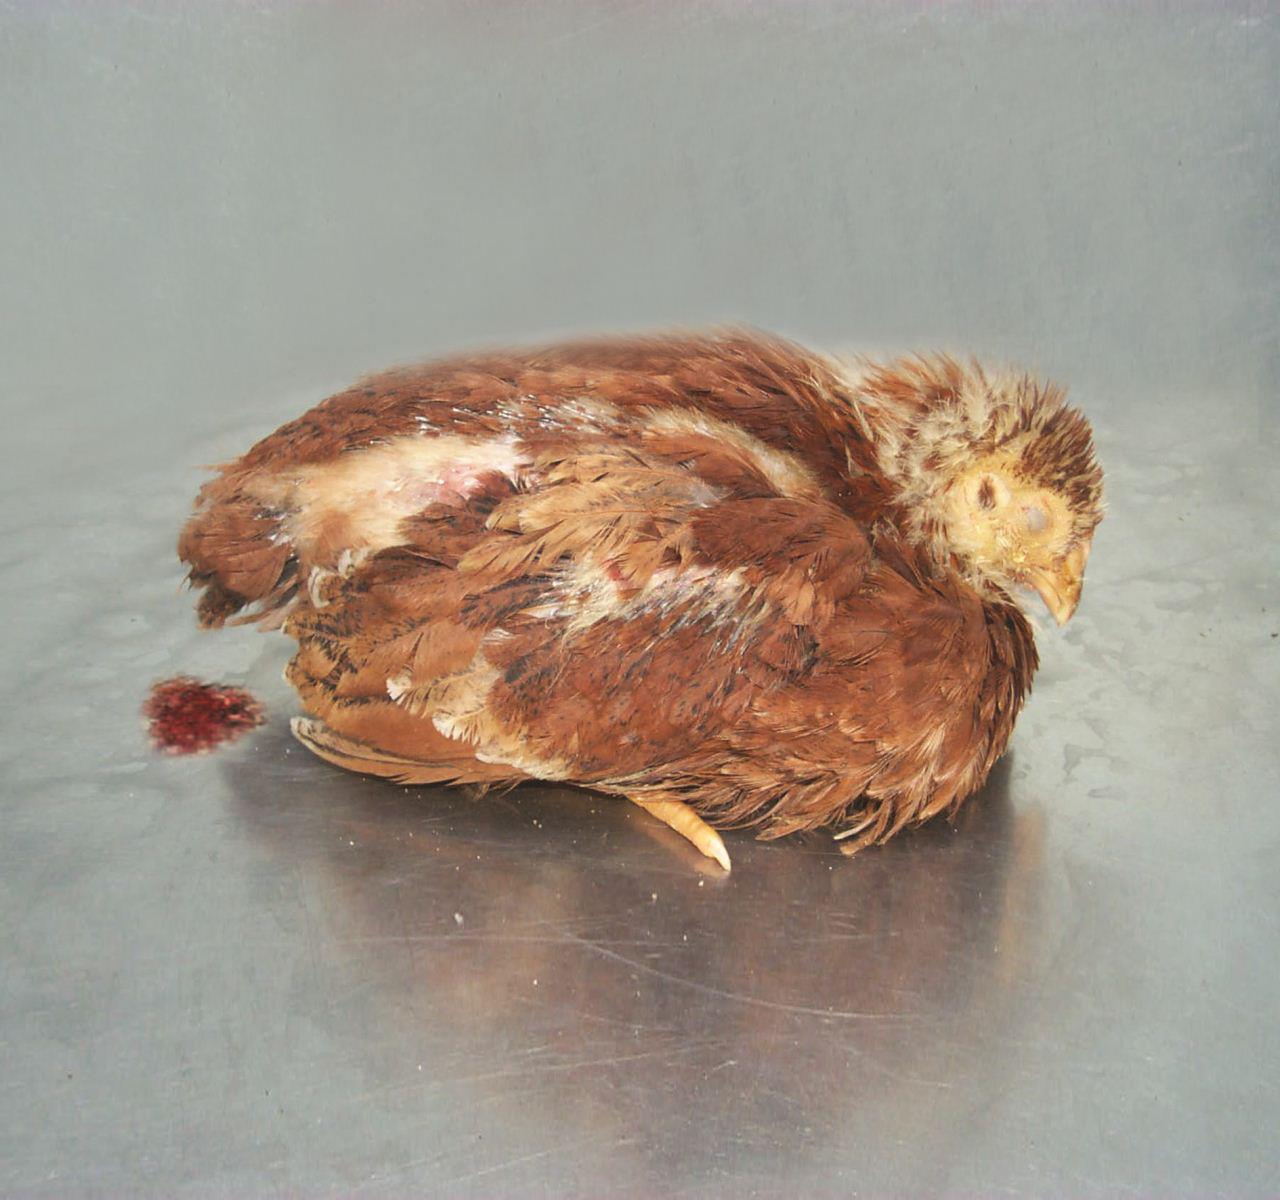 Bệnh cầu trùng ở gà gây tiêu chảy cấp tính, mưng mủ giác mạc